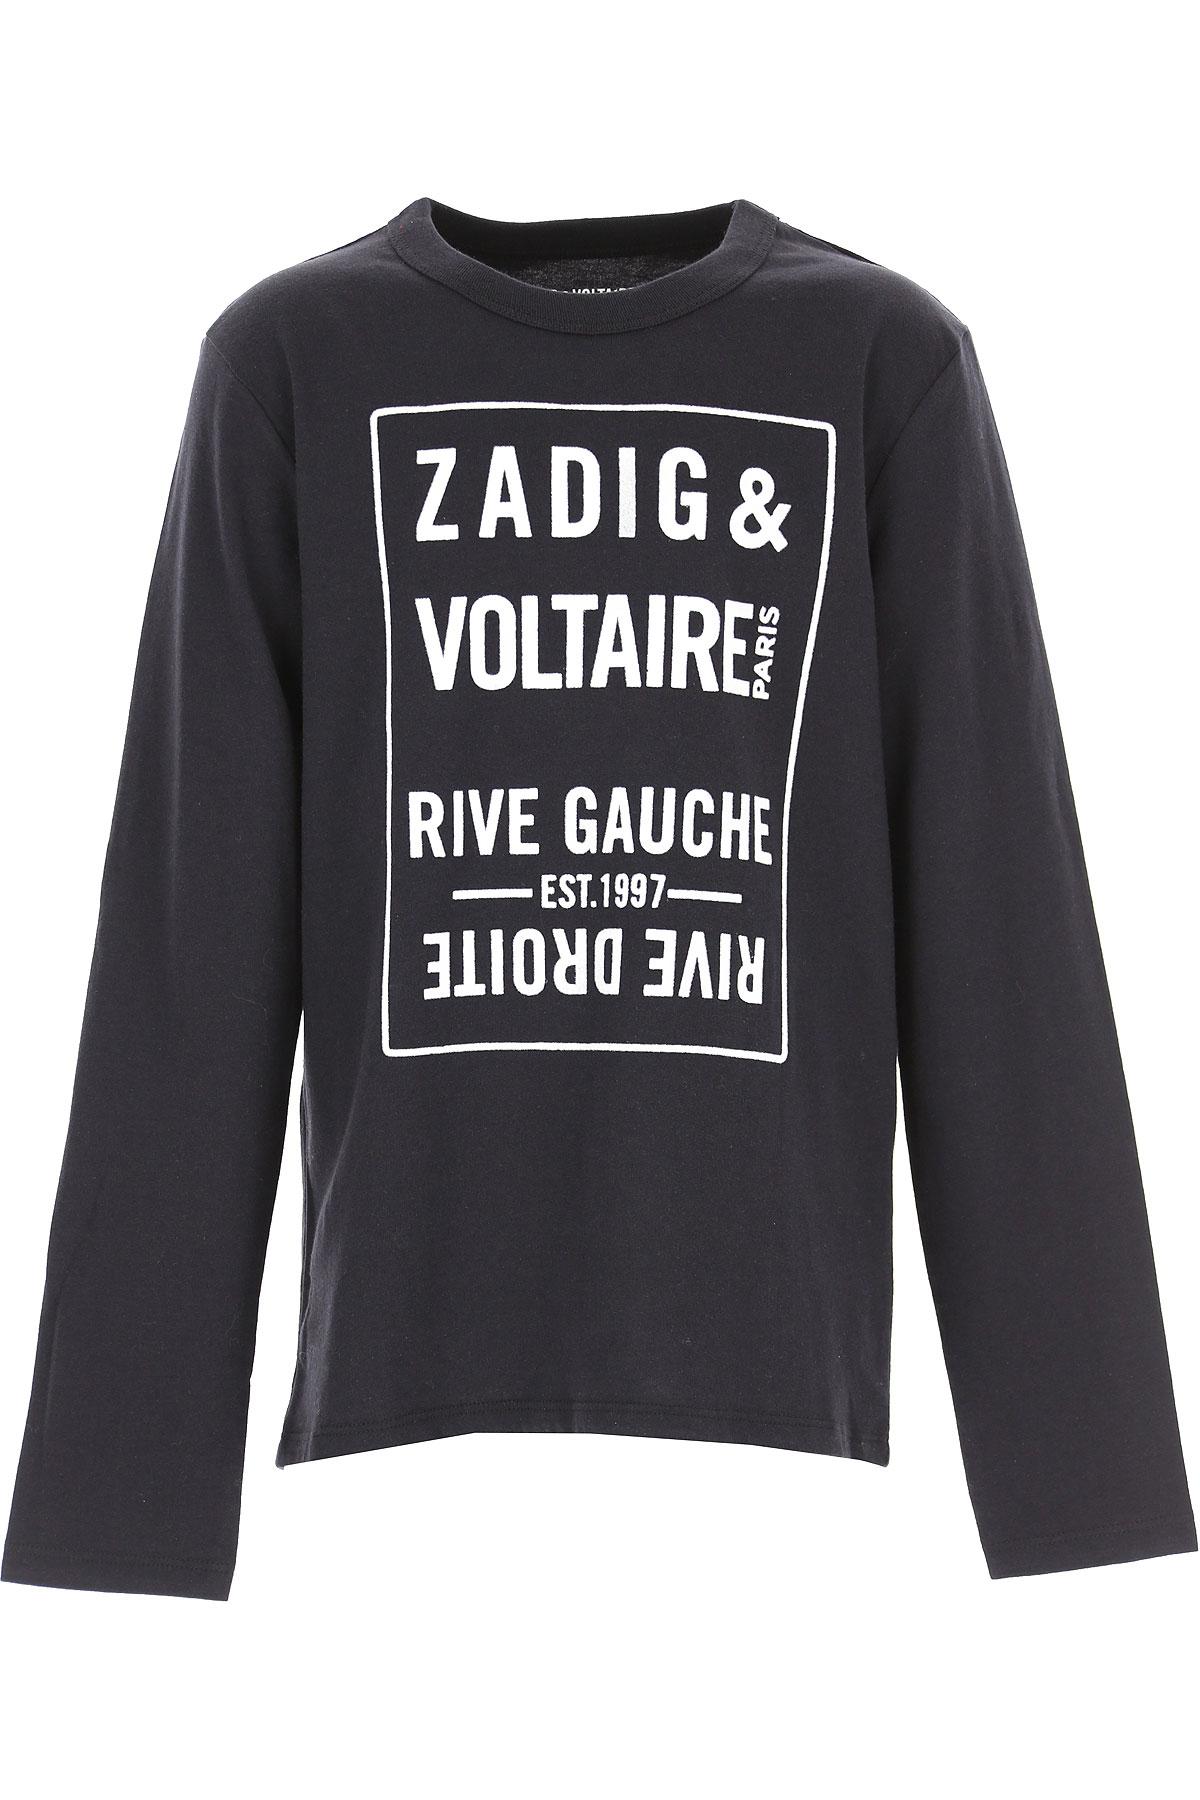 Zadig & Voltaire Kids T-Shirt for Boys On Sale, Black, Cotton, 2019, 10Y 12Y 14Y 16Y 8Y